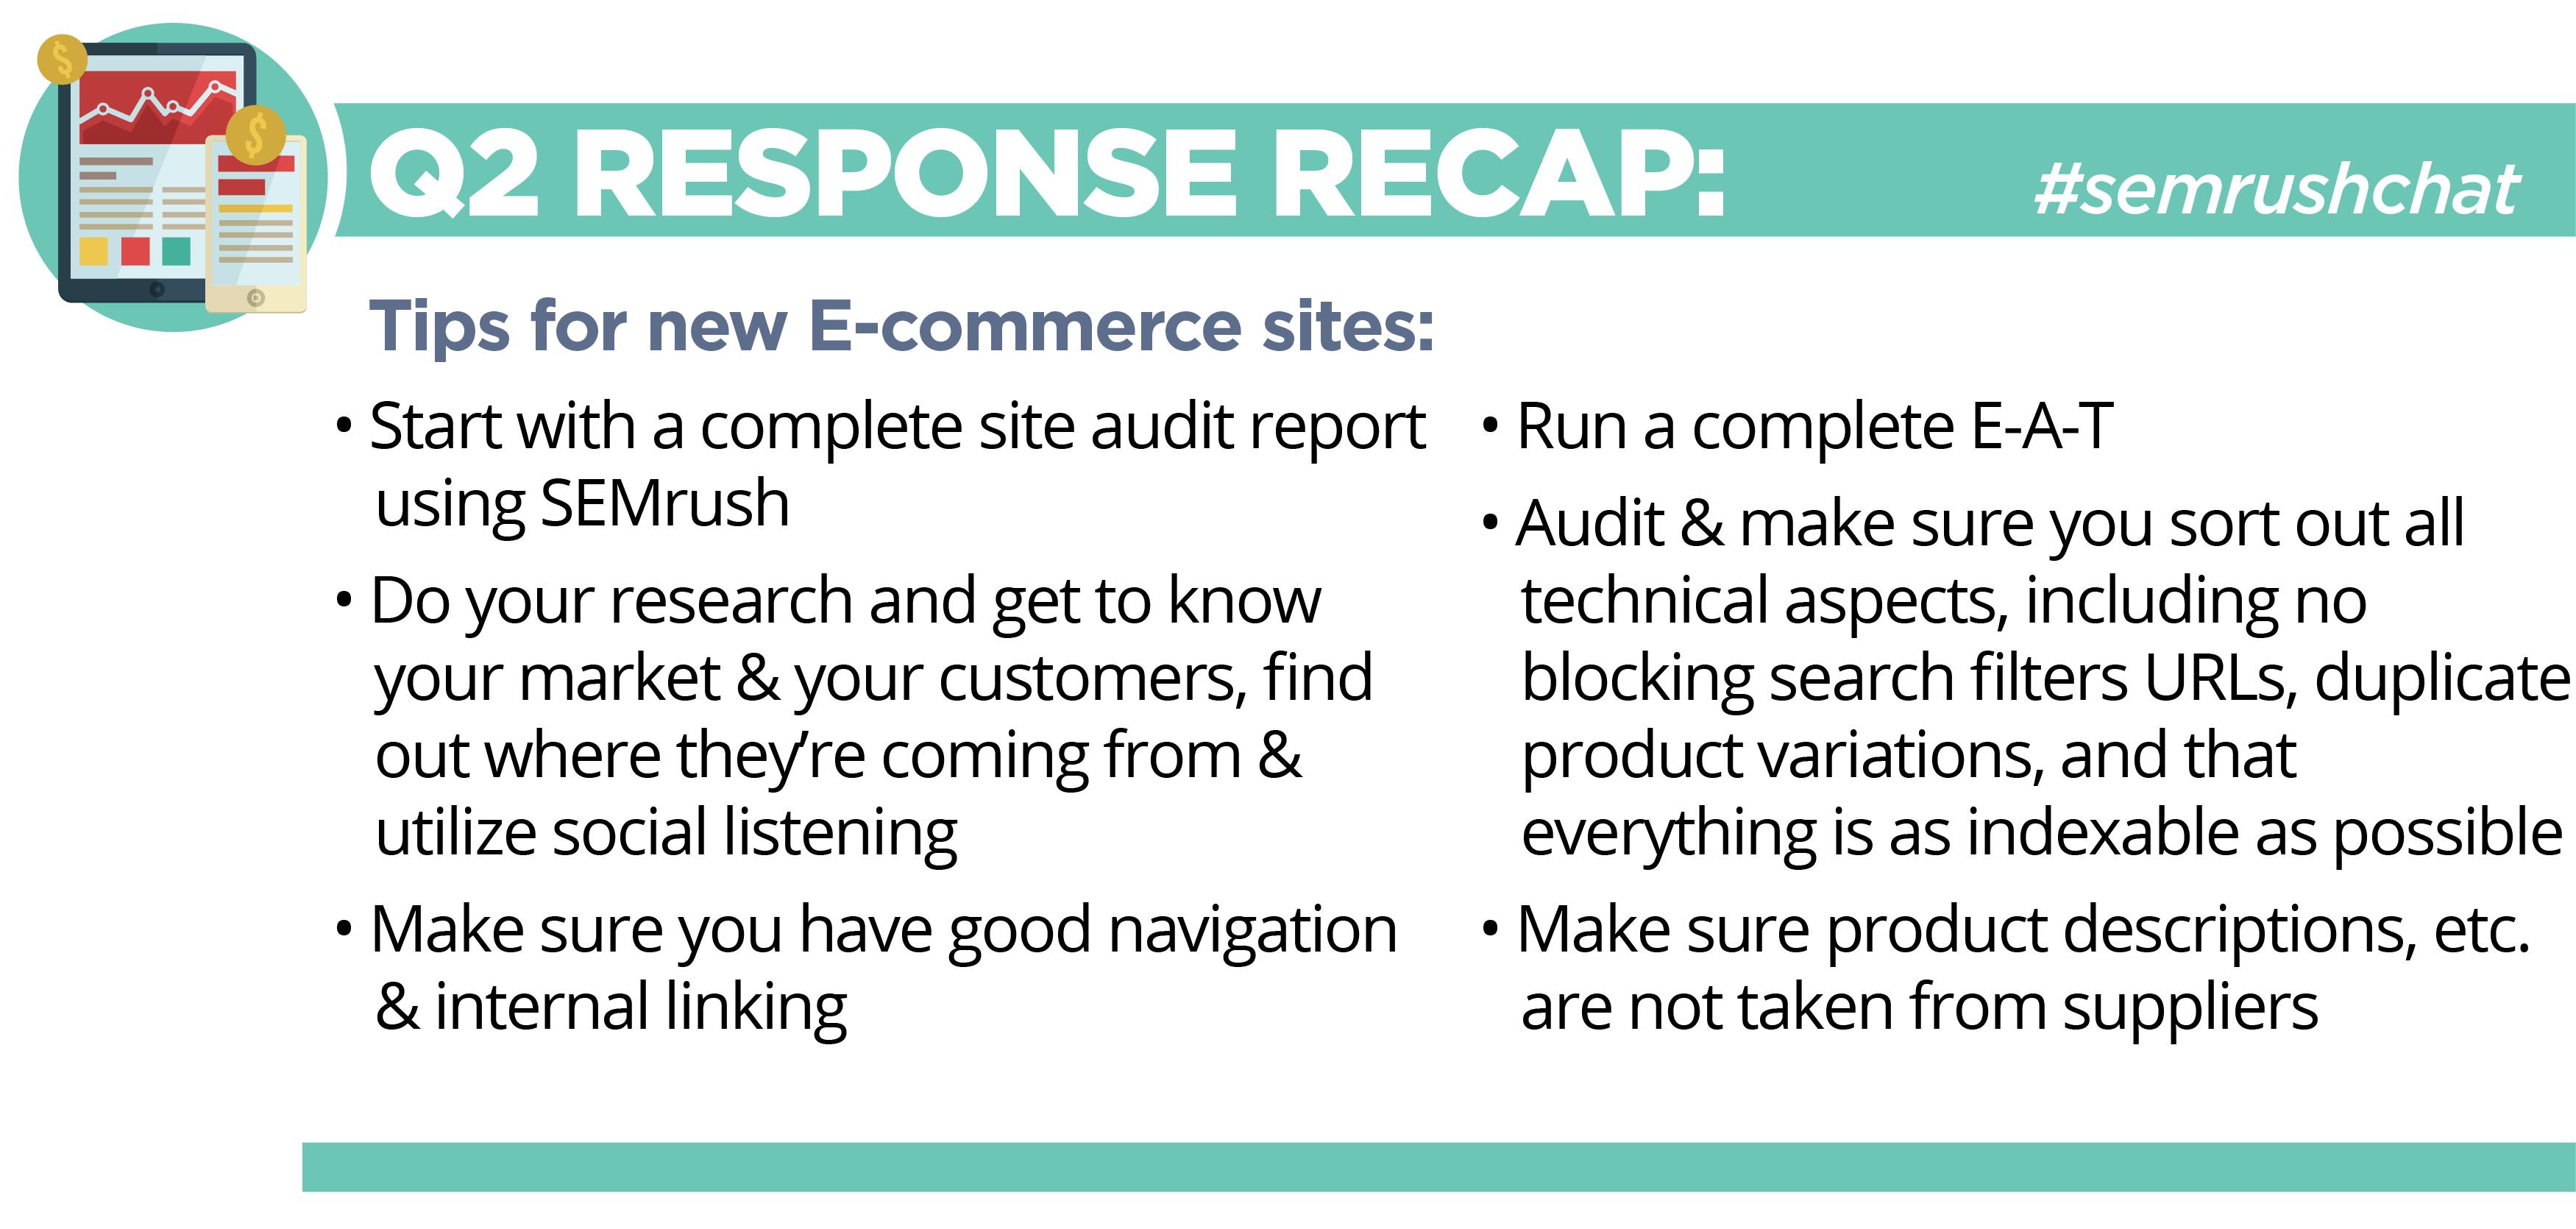 chat-recap-q2-response-recap.png